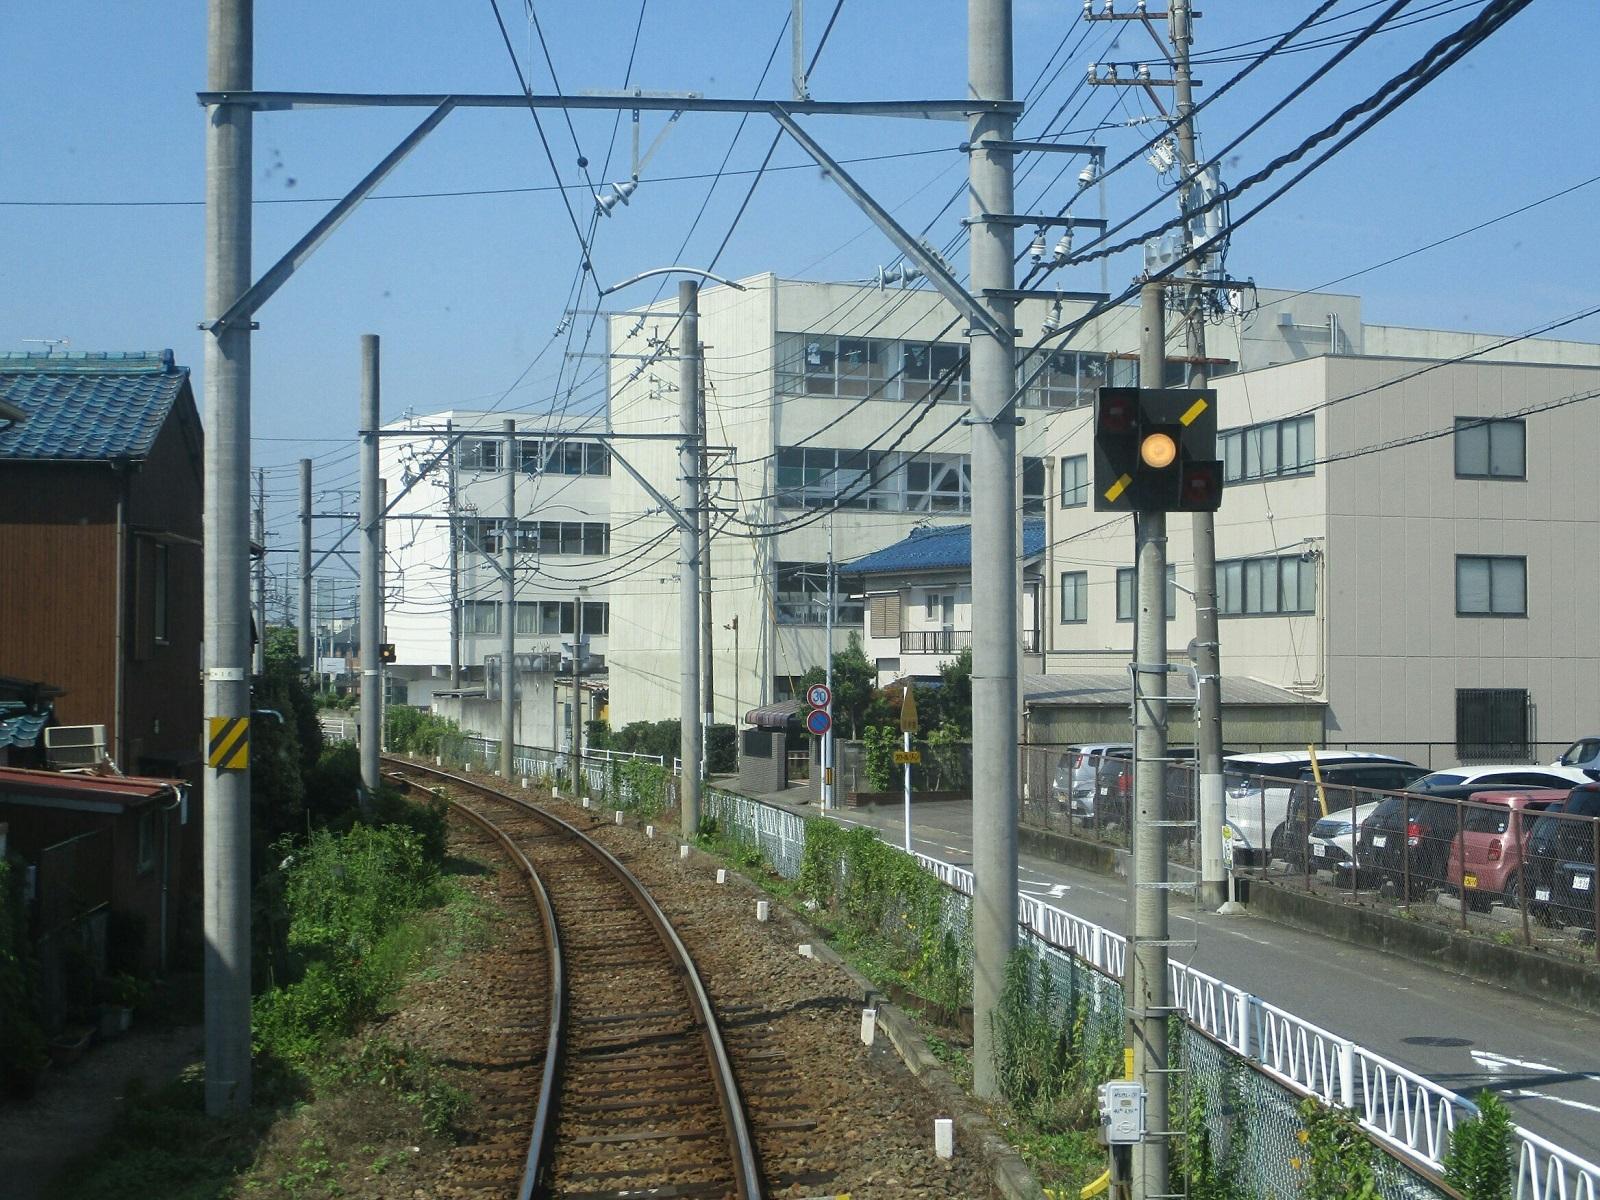 2018.7.18 (27) 新羽島いきふつう - 笠松-西笠松間 1600-1200